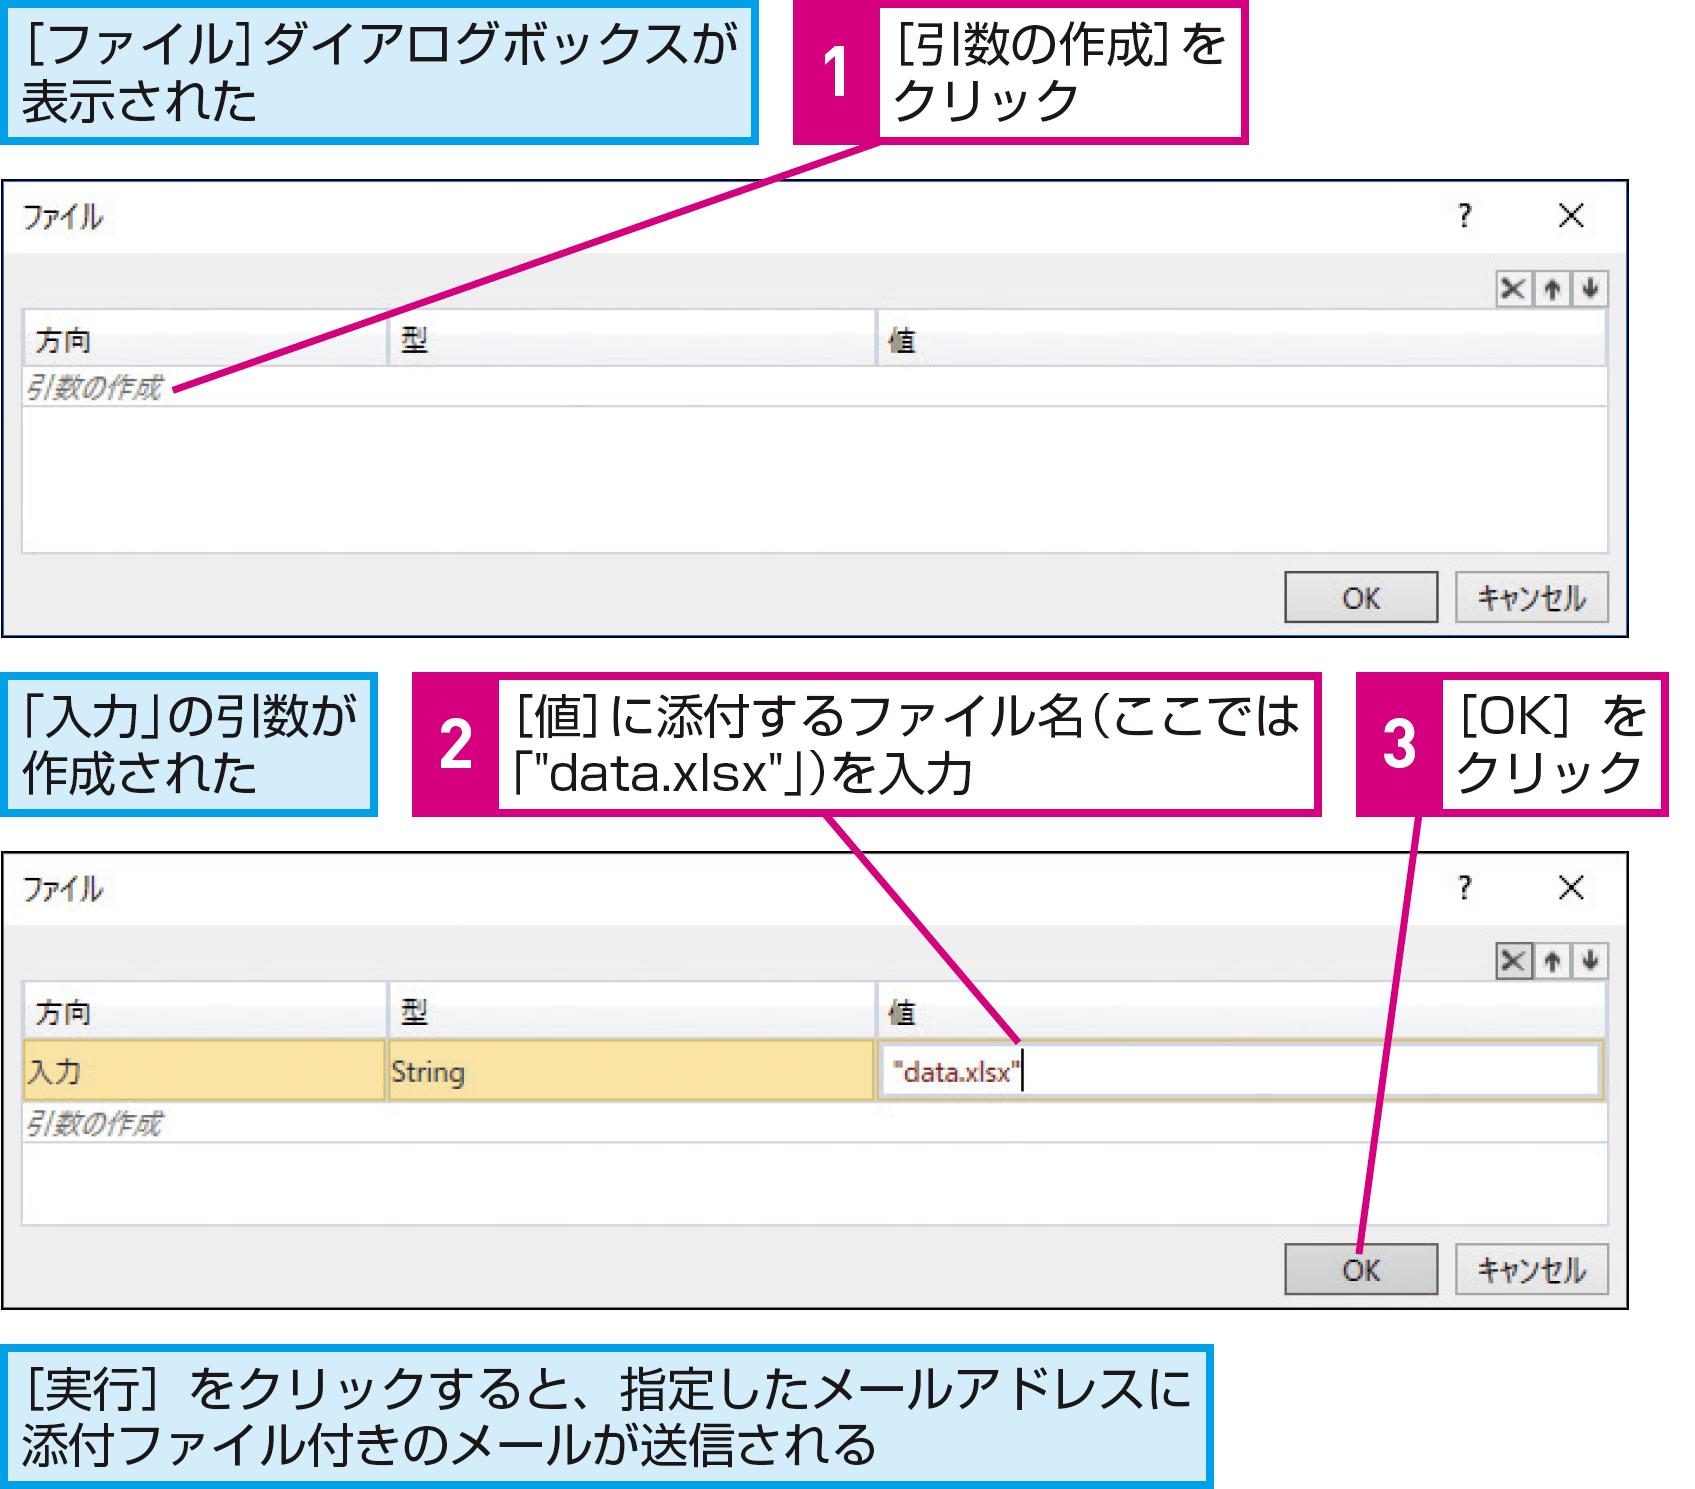 できるUiPath】RPAでメールを自動送信! データを添付ファイルで